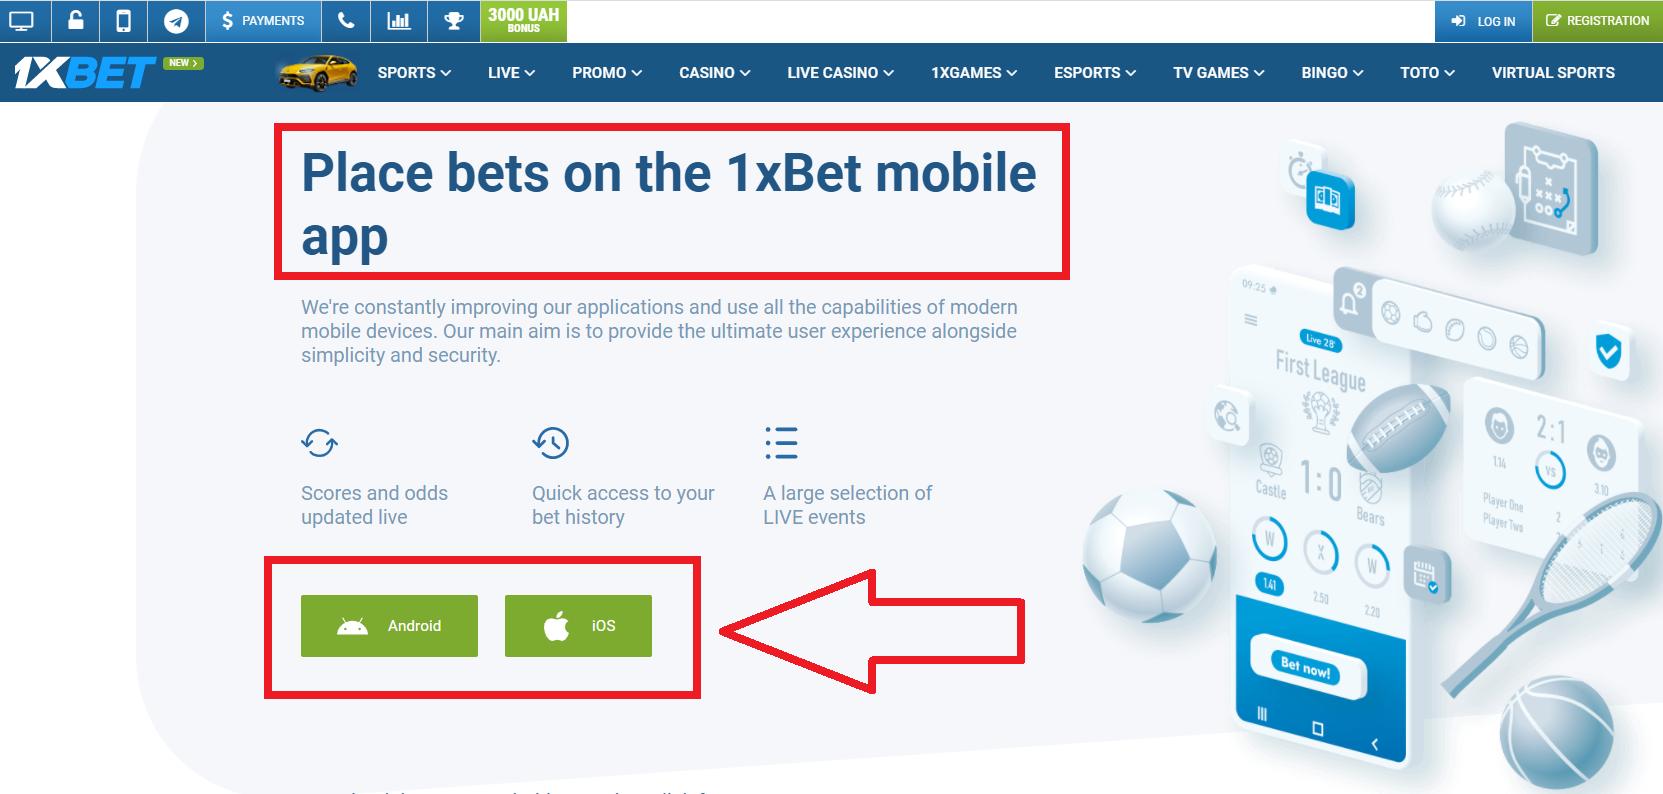 Fast 1xbet mobile registration